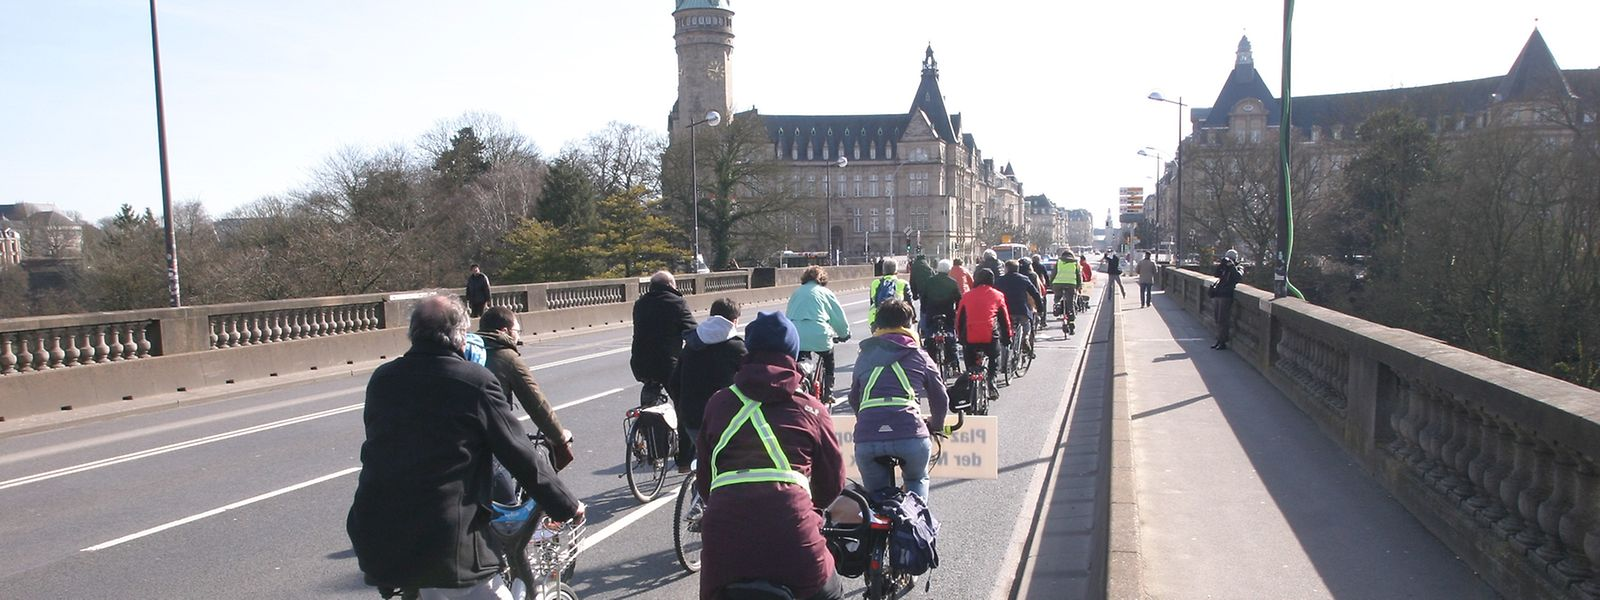 De plus en plus de personnes utilisent le vélo comme moyen de transport en ville. On enregistre une augmentation de 8,44% par semaine..